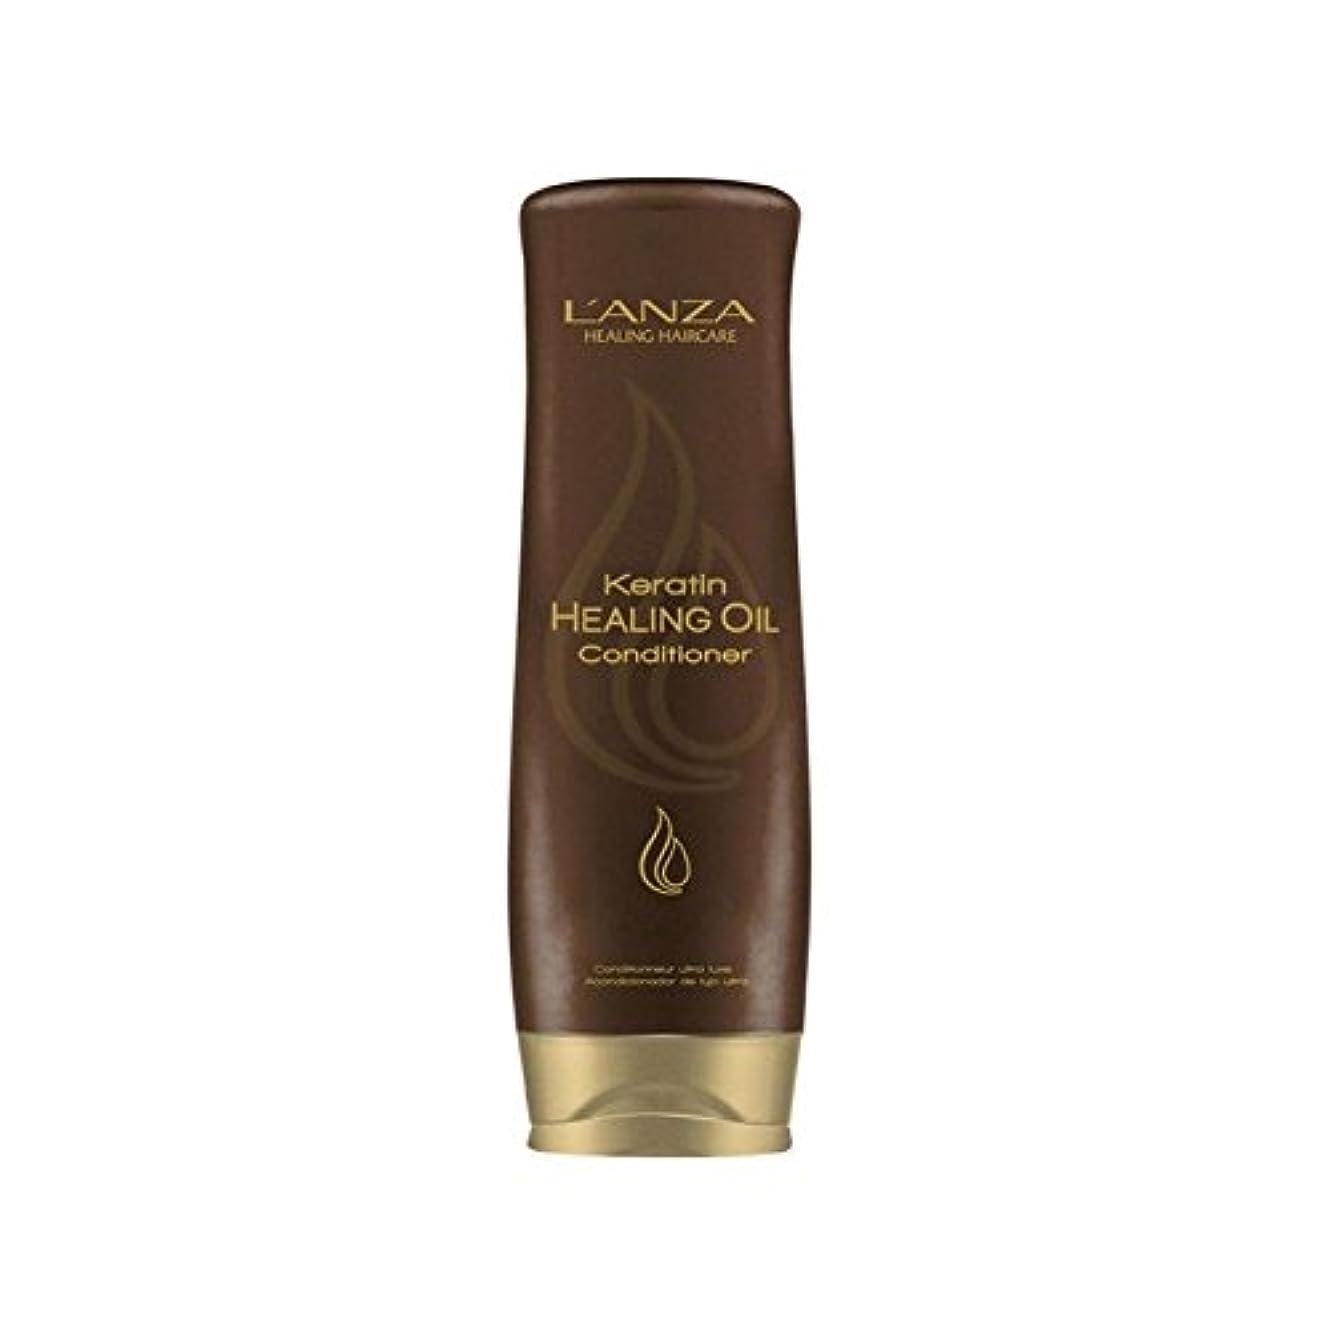 怒る十分なスティーブンソンアンザケラチンオイルコンディショナー(250ミリリットル)を癒し x2 - L'Anza Keratin Healing Oil Conditioner (250ml) (Pack of 2) [並行輸入品]